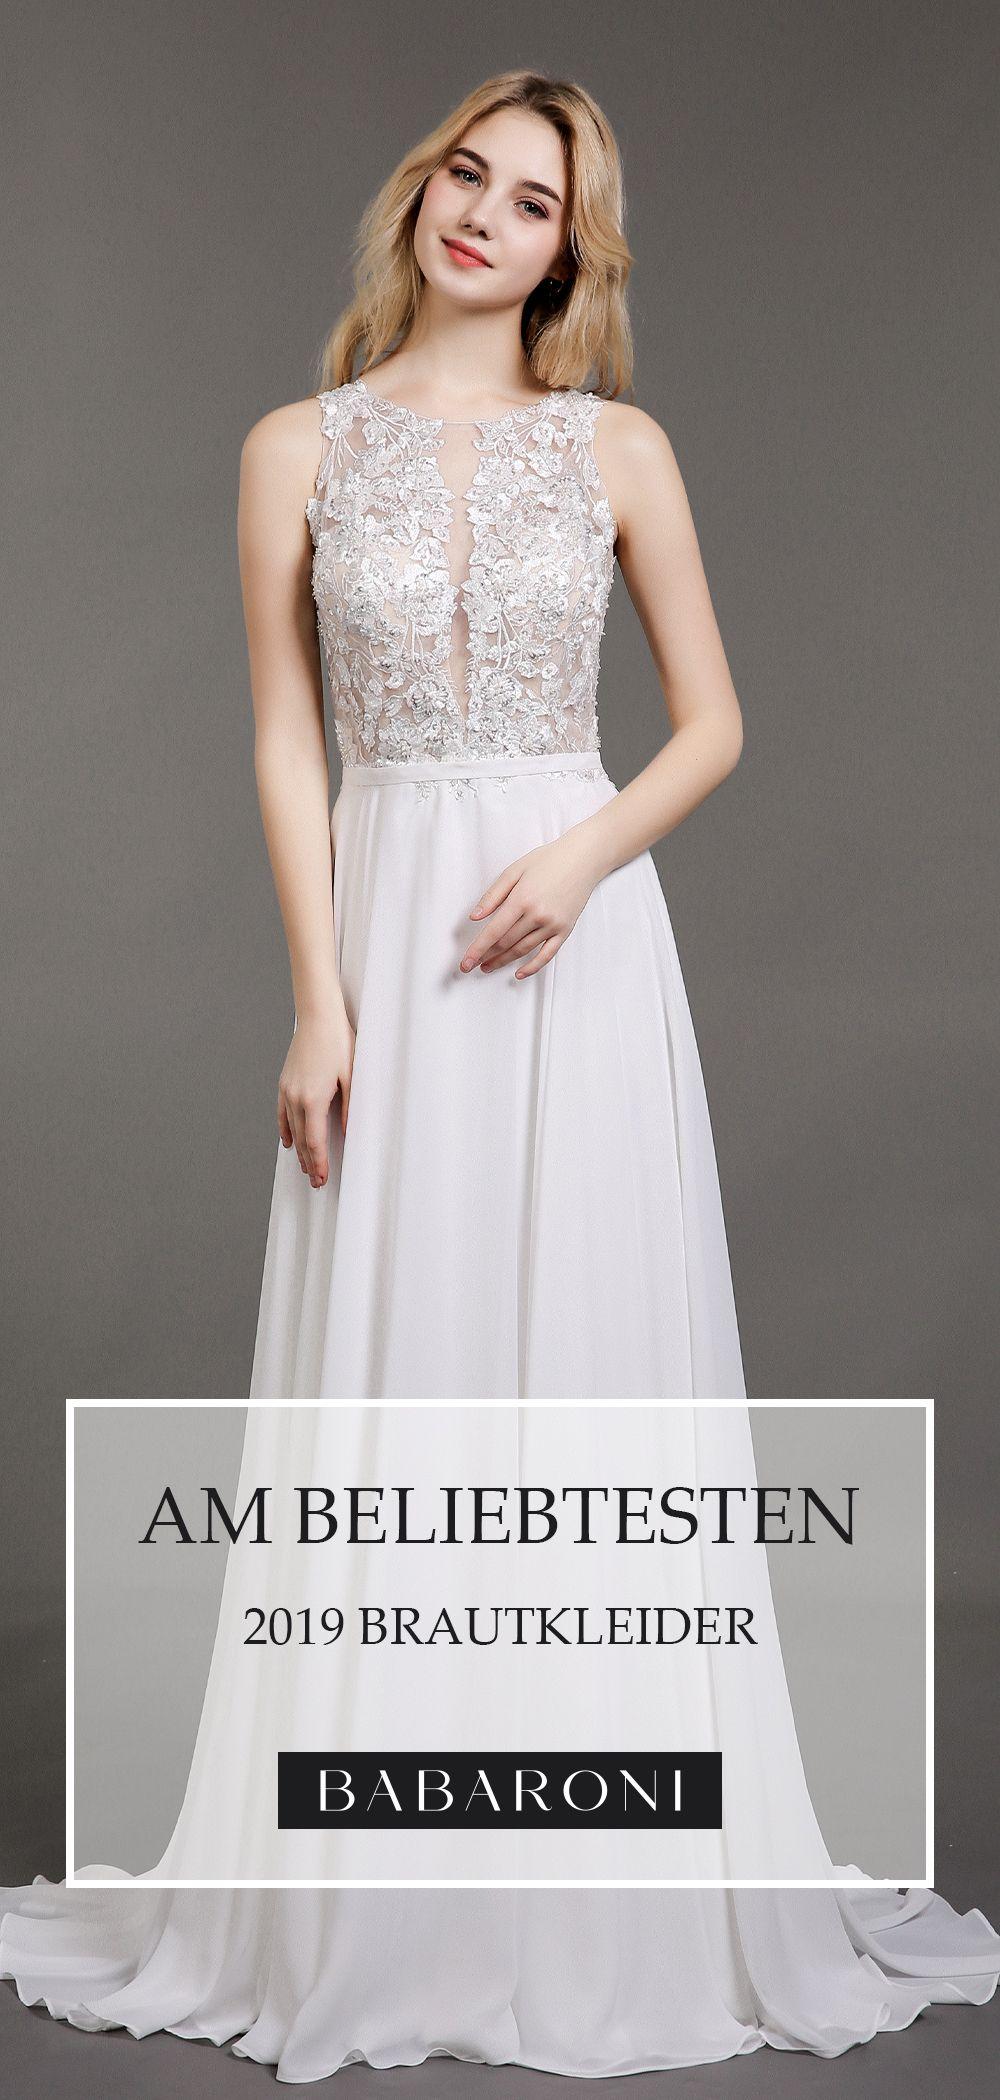 Babaroni Estelle  Luxus hochzeitskleider, Brautkleid